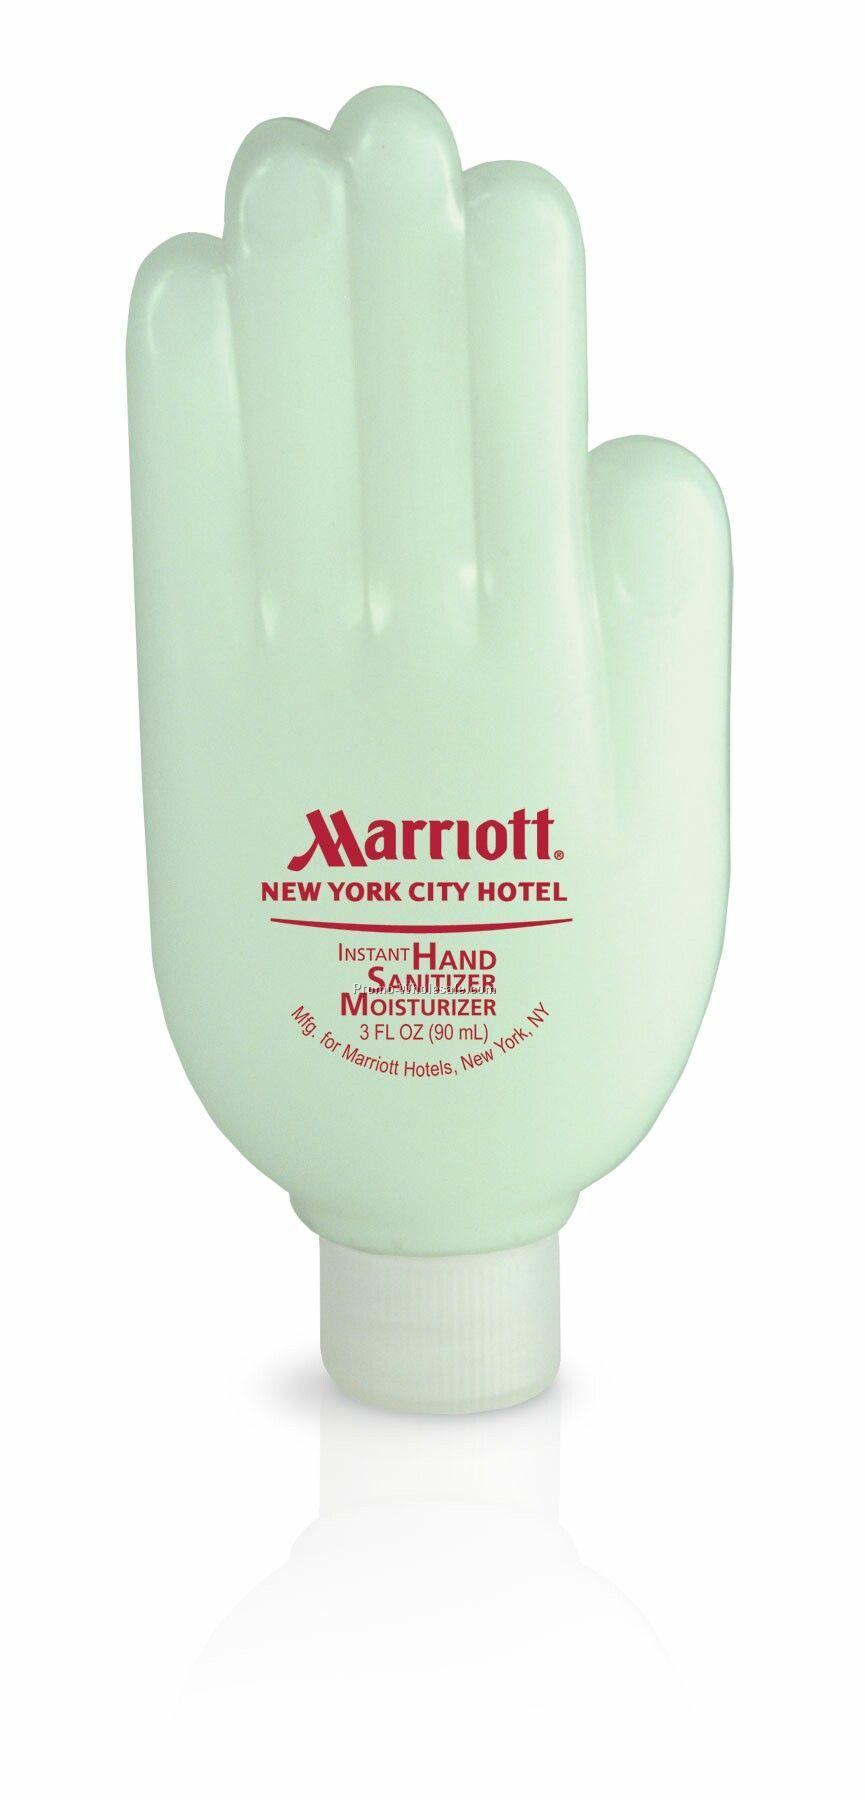 3 Oz. Instant Hand Sanitizer Moisturizer In Hand Bottle